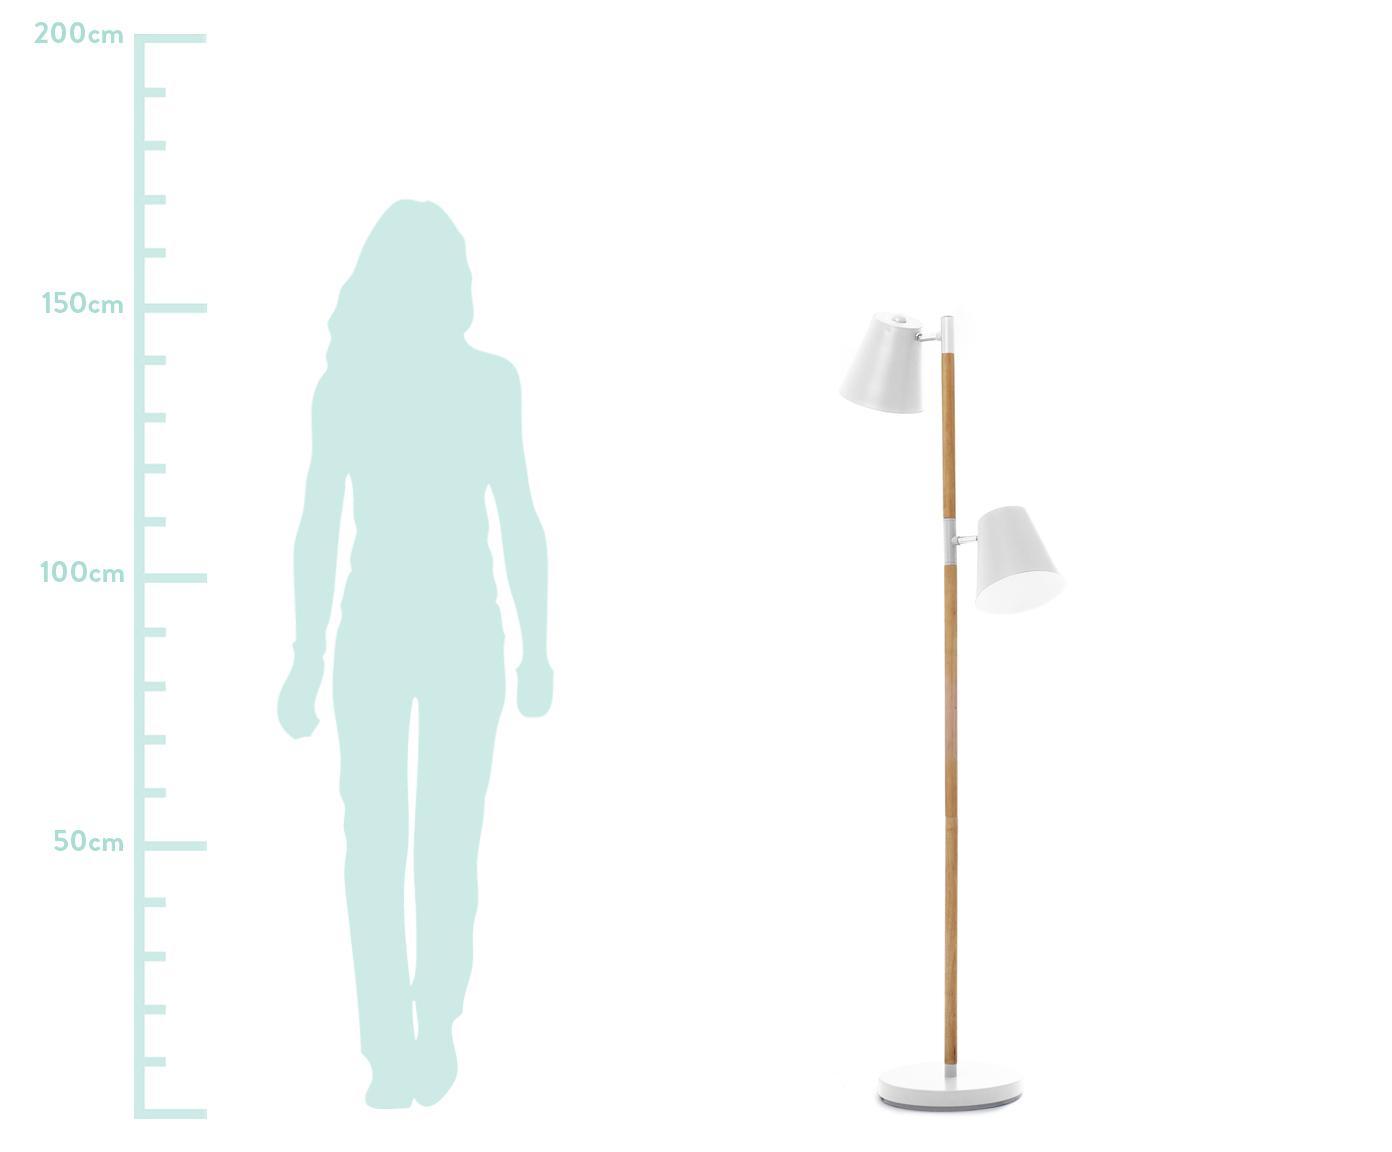 Vloerlamp Rubi, Gecoat metaal, hout, Wit, Ø 18 x H 150 cm